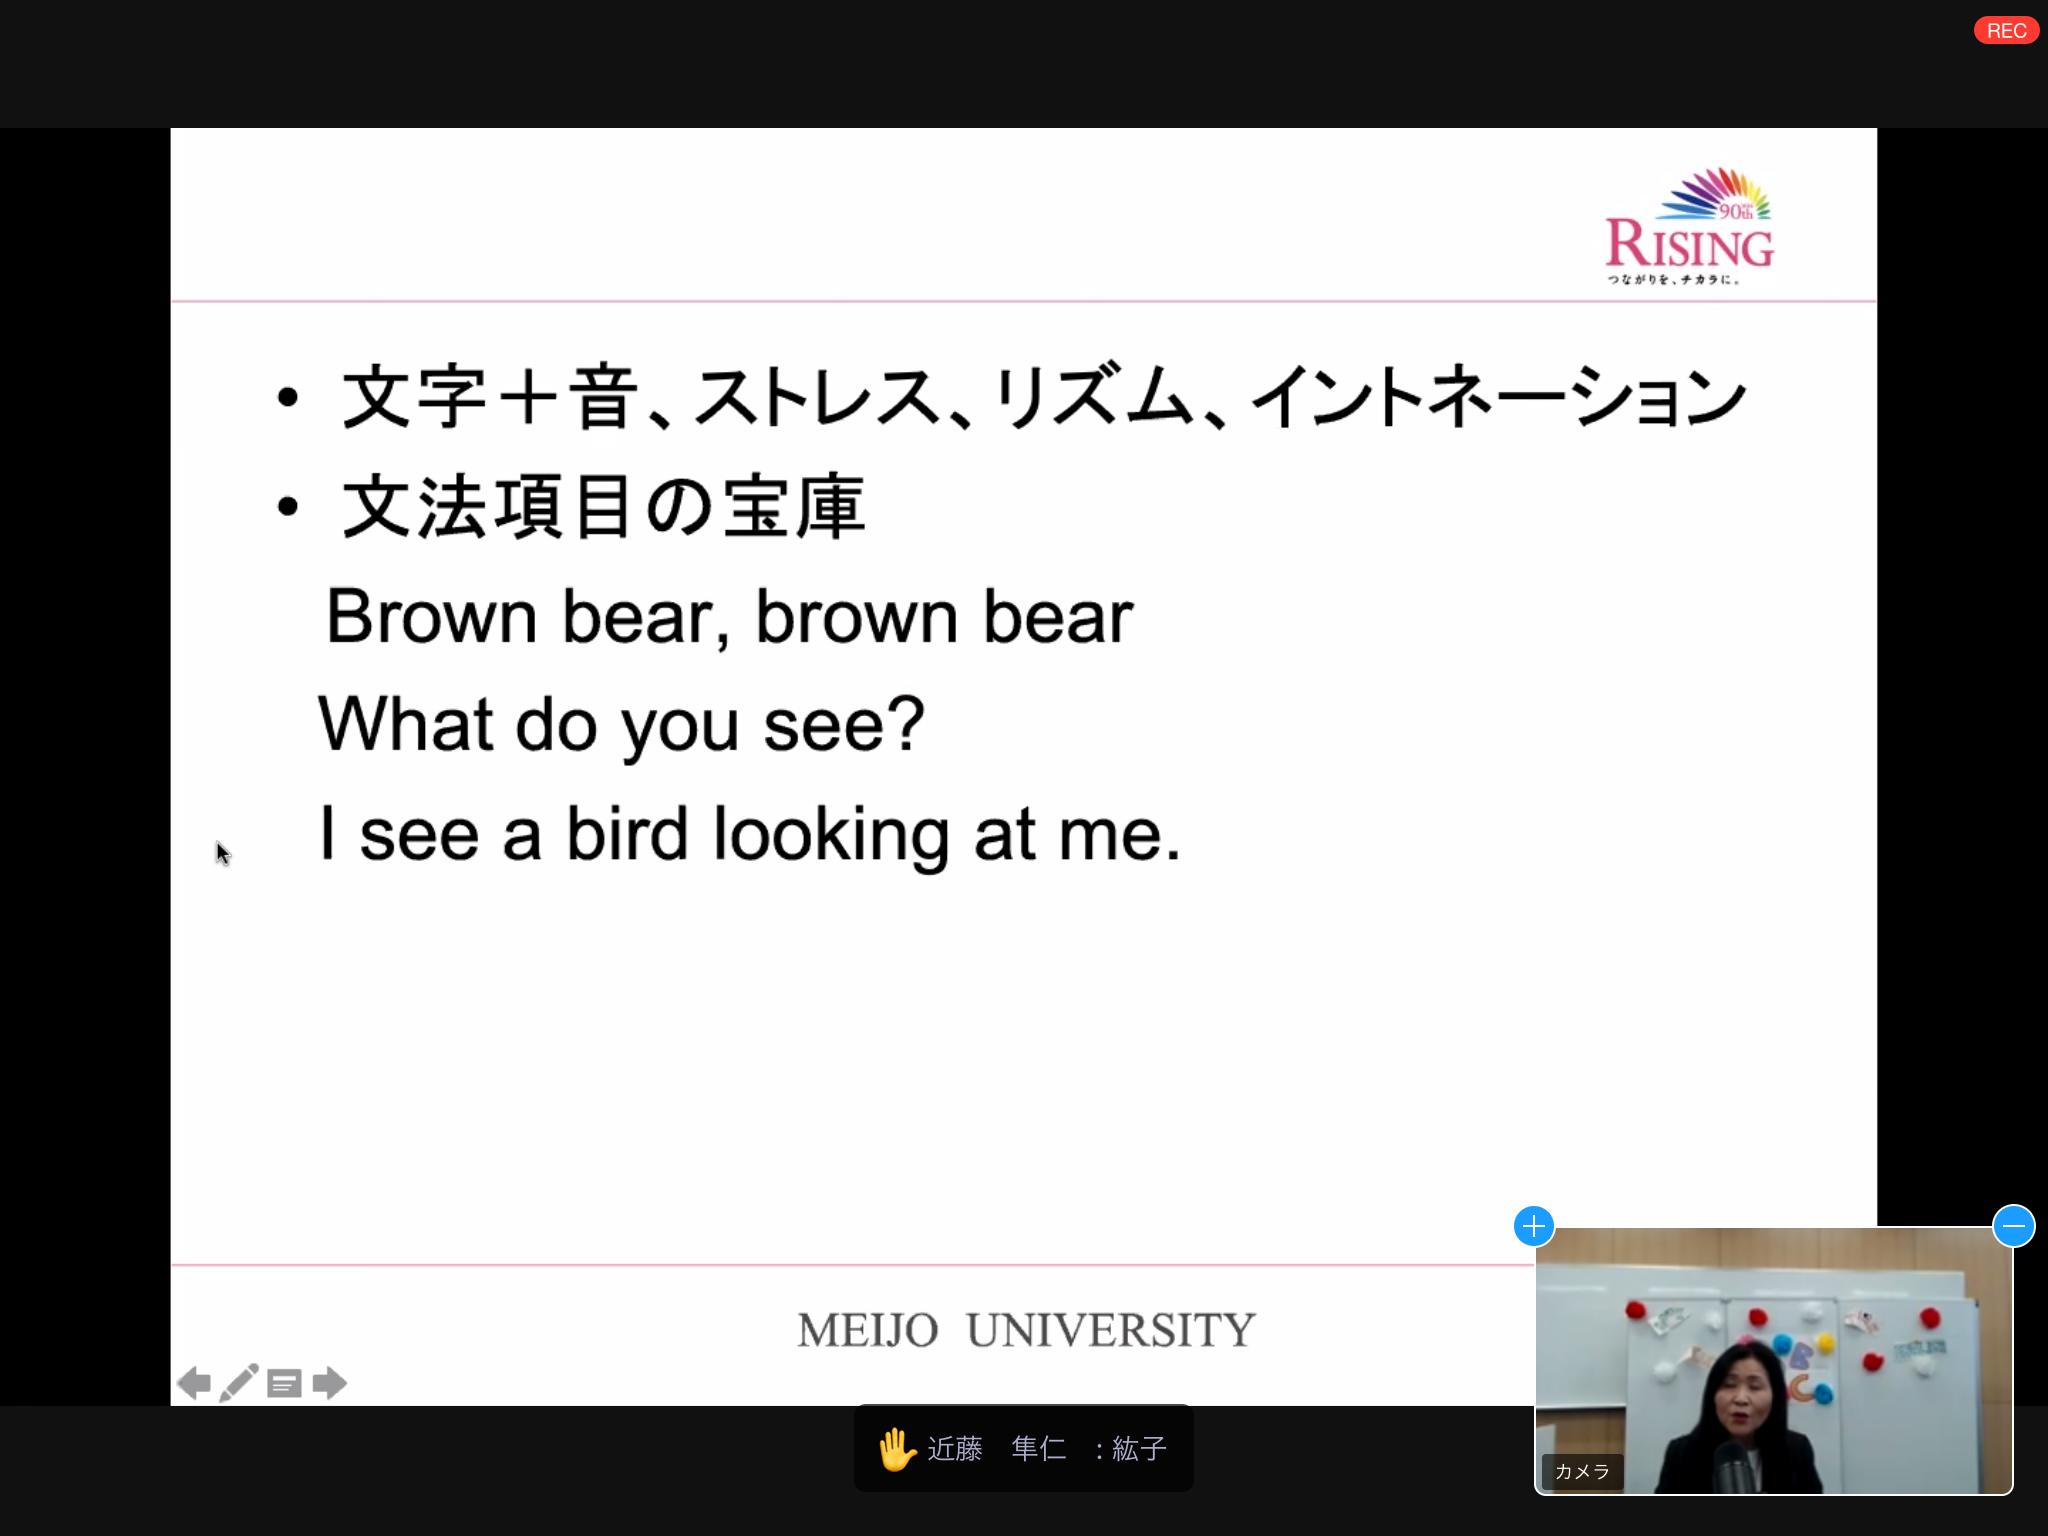 ミニ講座のスライド(小窓は西尾教授)